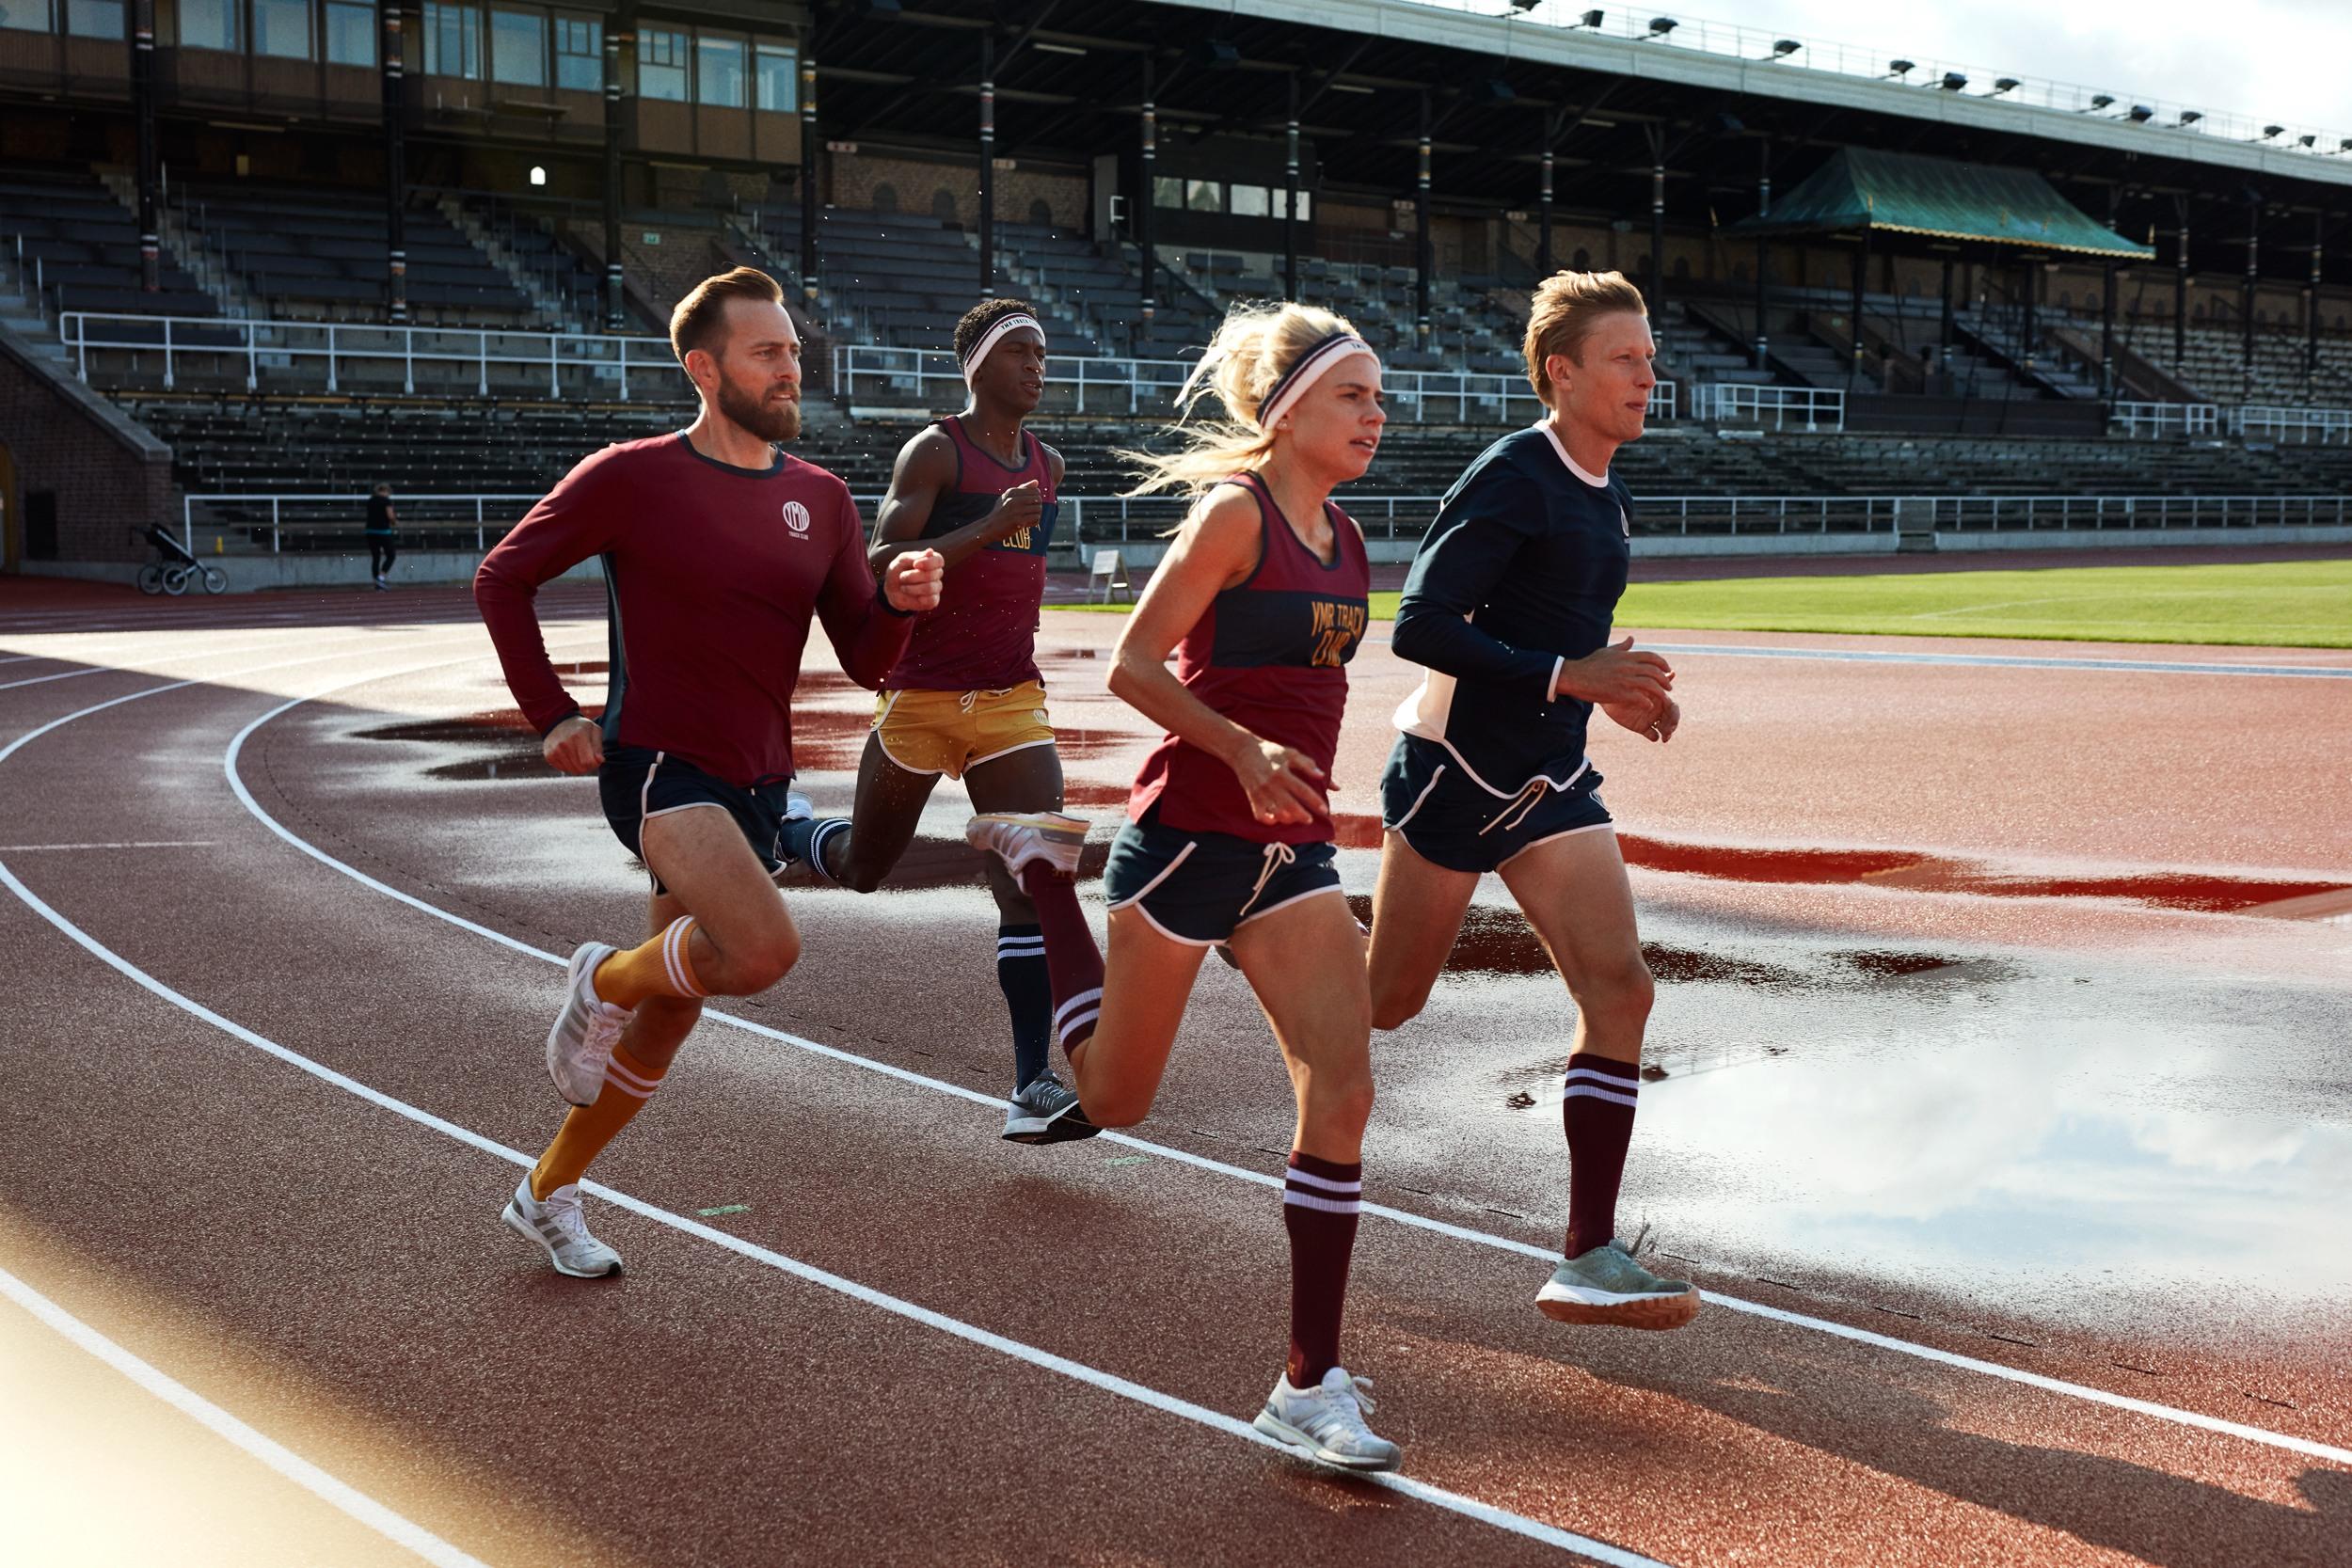 Hållbarhet och närproduktion i sportvarumärkets DNA